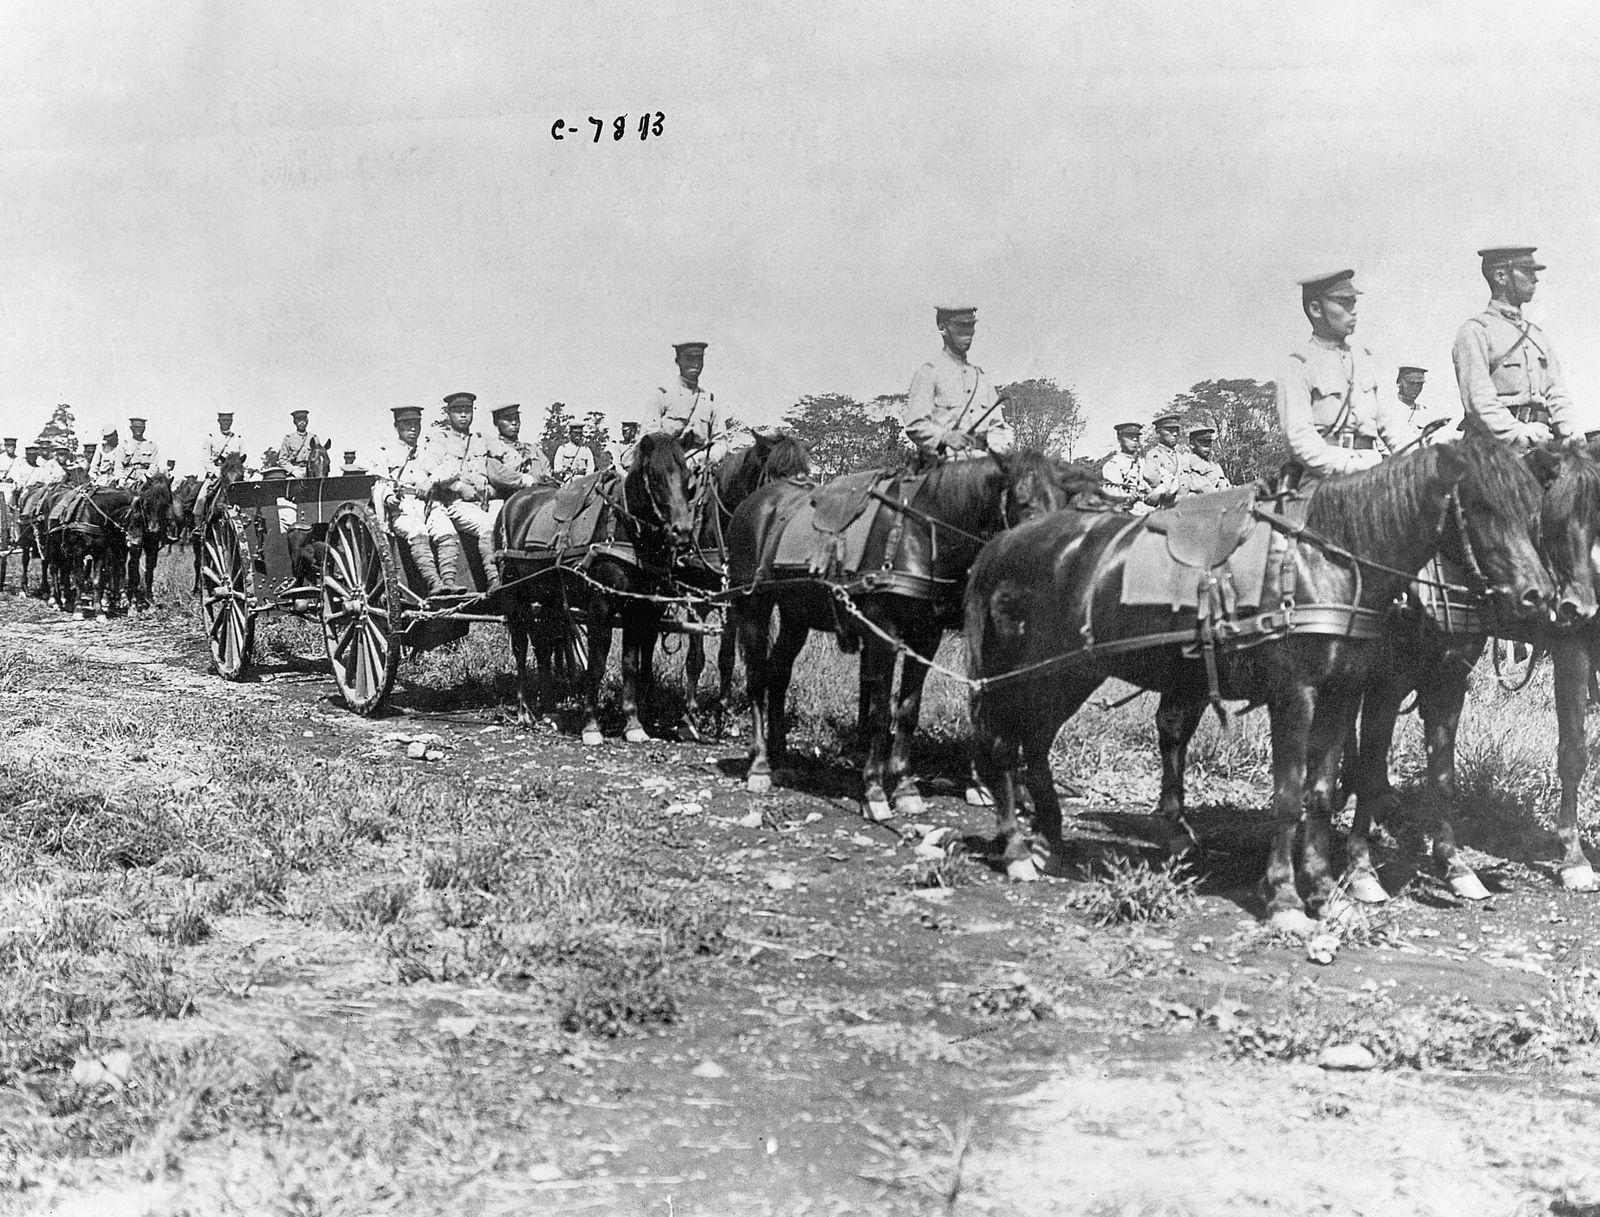 Japanese Troops on Horseback